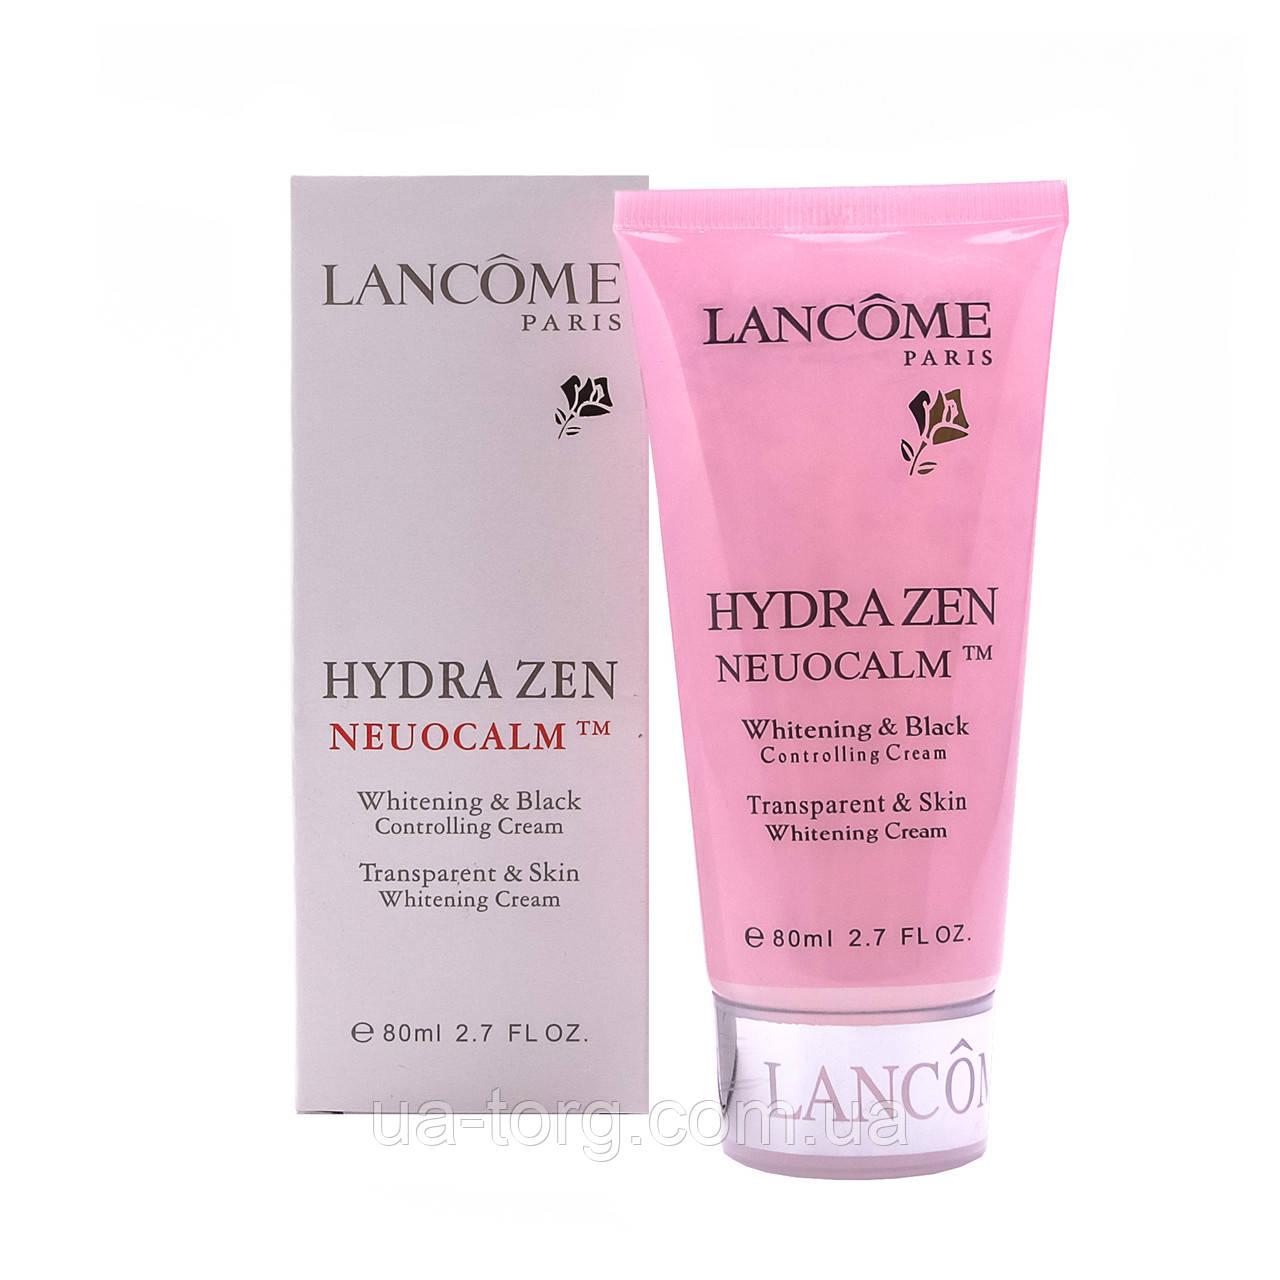 Пилинг для лица Lancome Hydra Zen Neuocalm Whitening & Black Controlling Cream